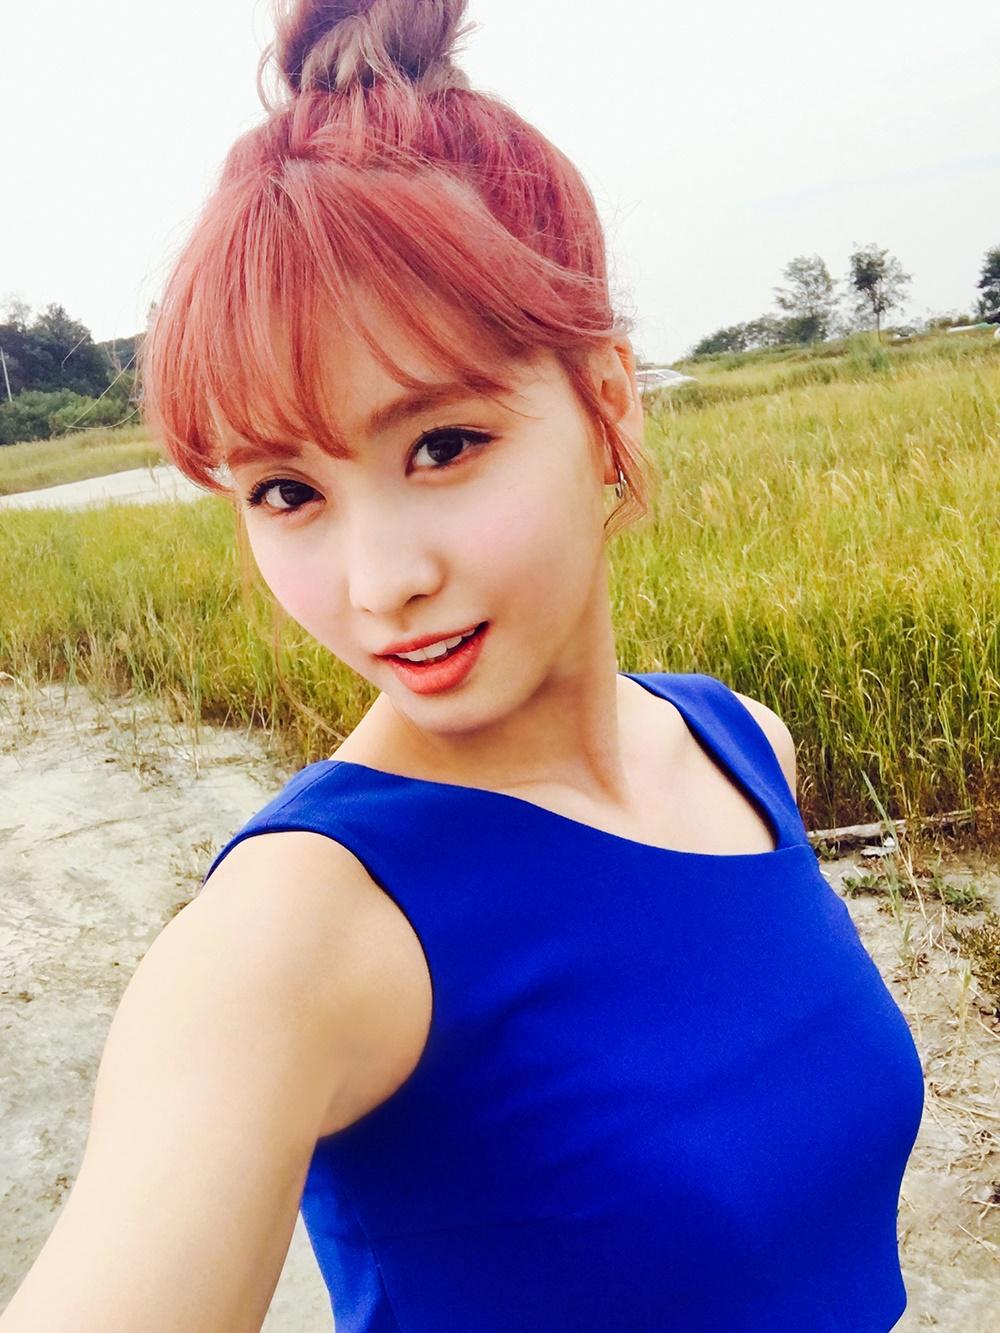 트와이스앨범 셀카 고화질 (2).jpg